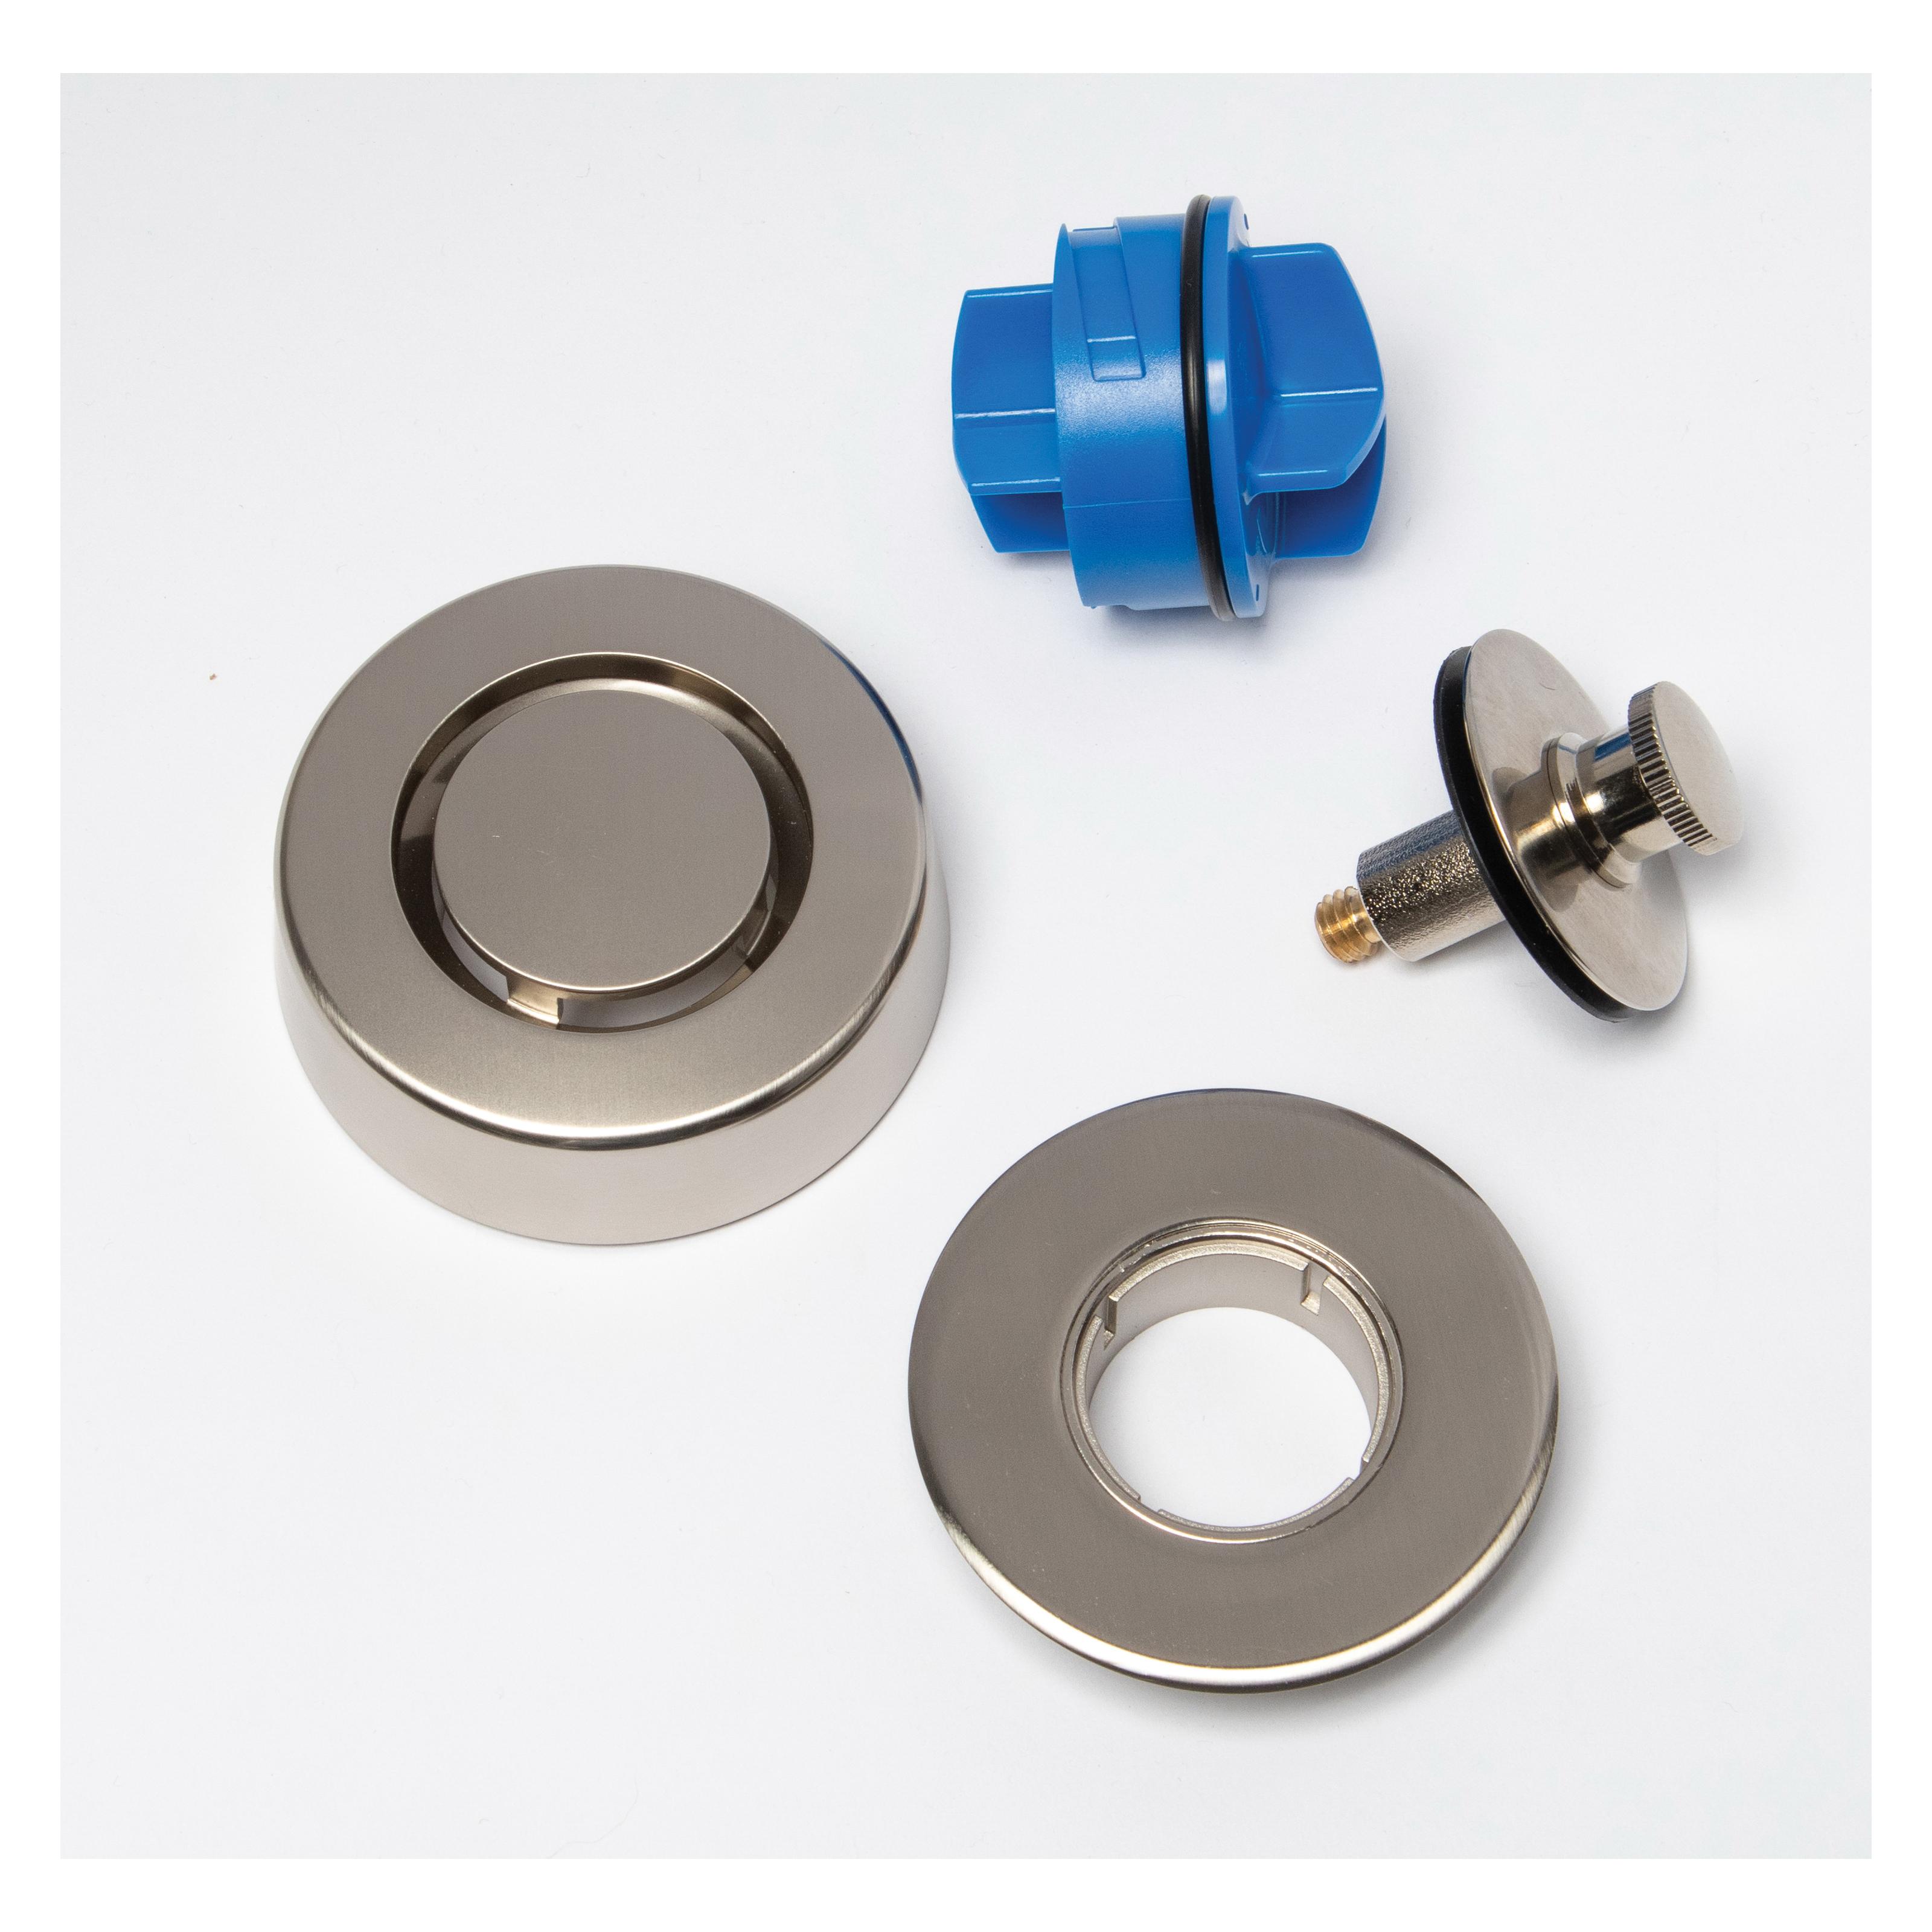 Dearborn® True Blue® K99BN Bathwaste Trim Kit, Brushed Nickel, Import